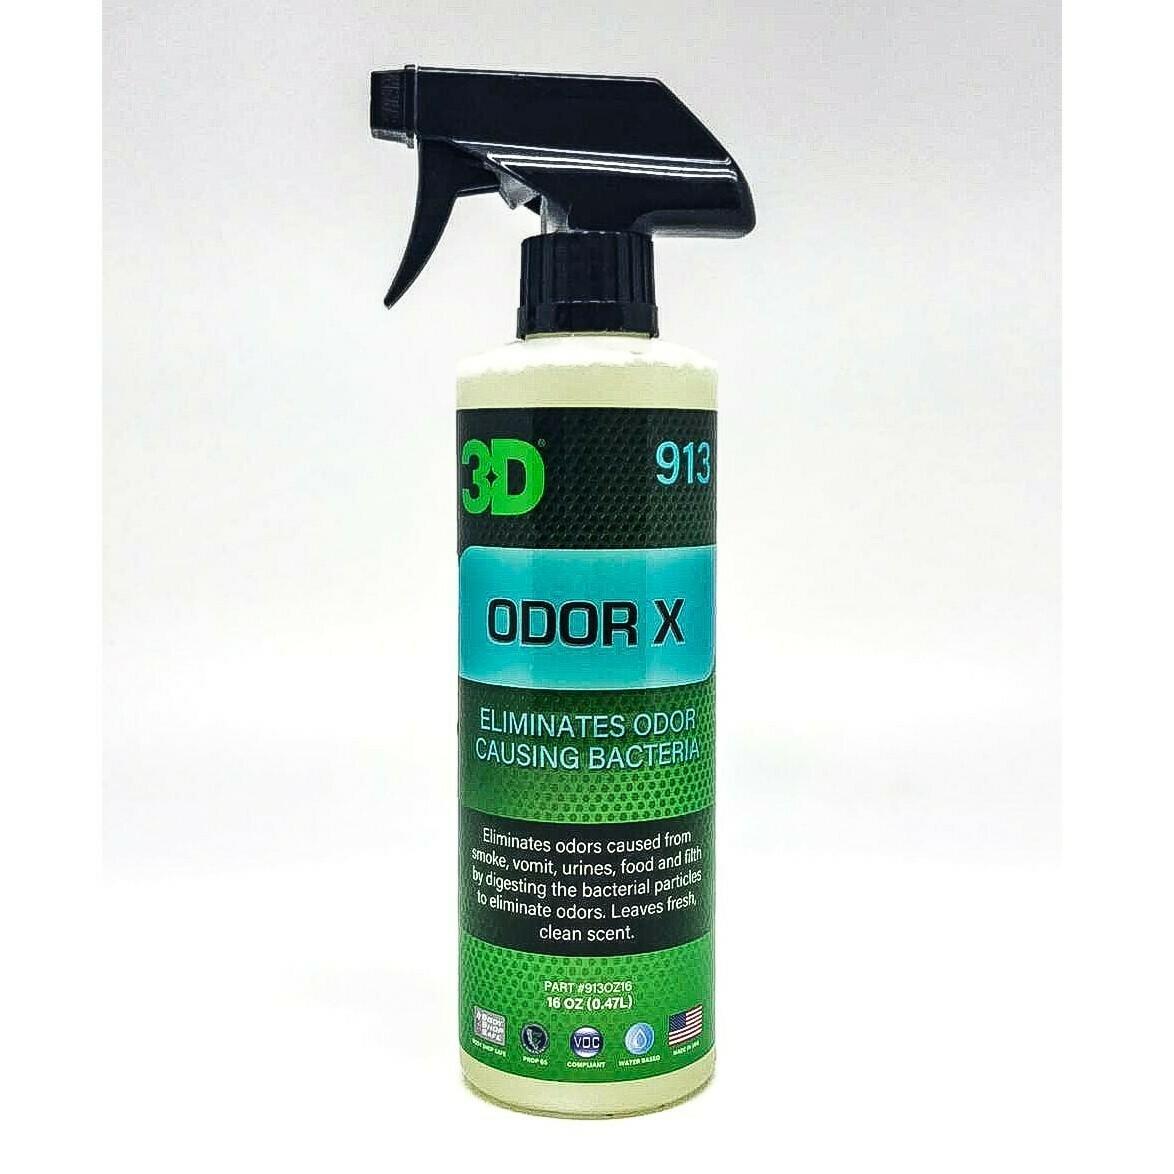 Ликвидатор запахов с бактериальными ферментами 3D Car Care Odor X, 470мл